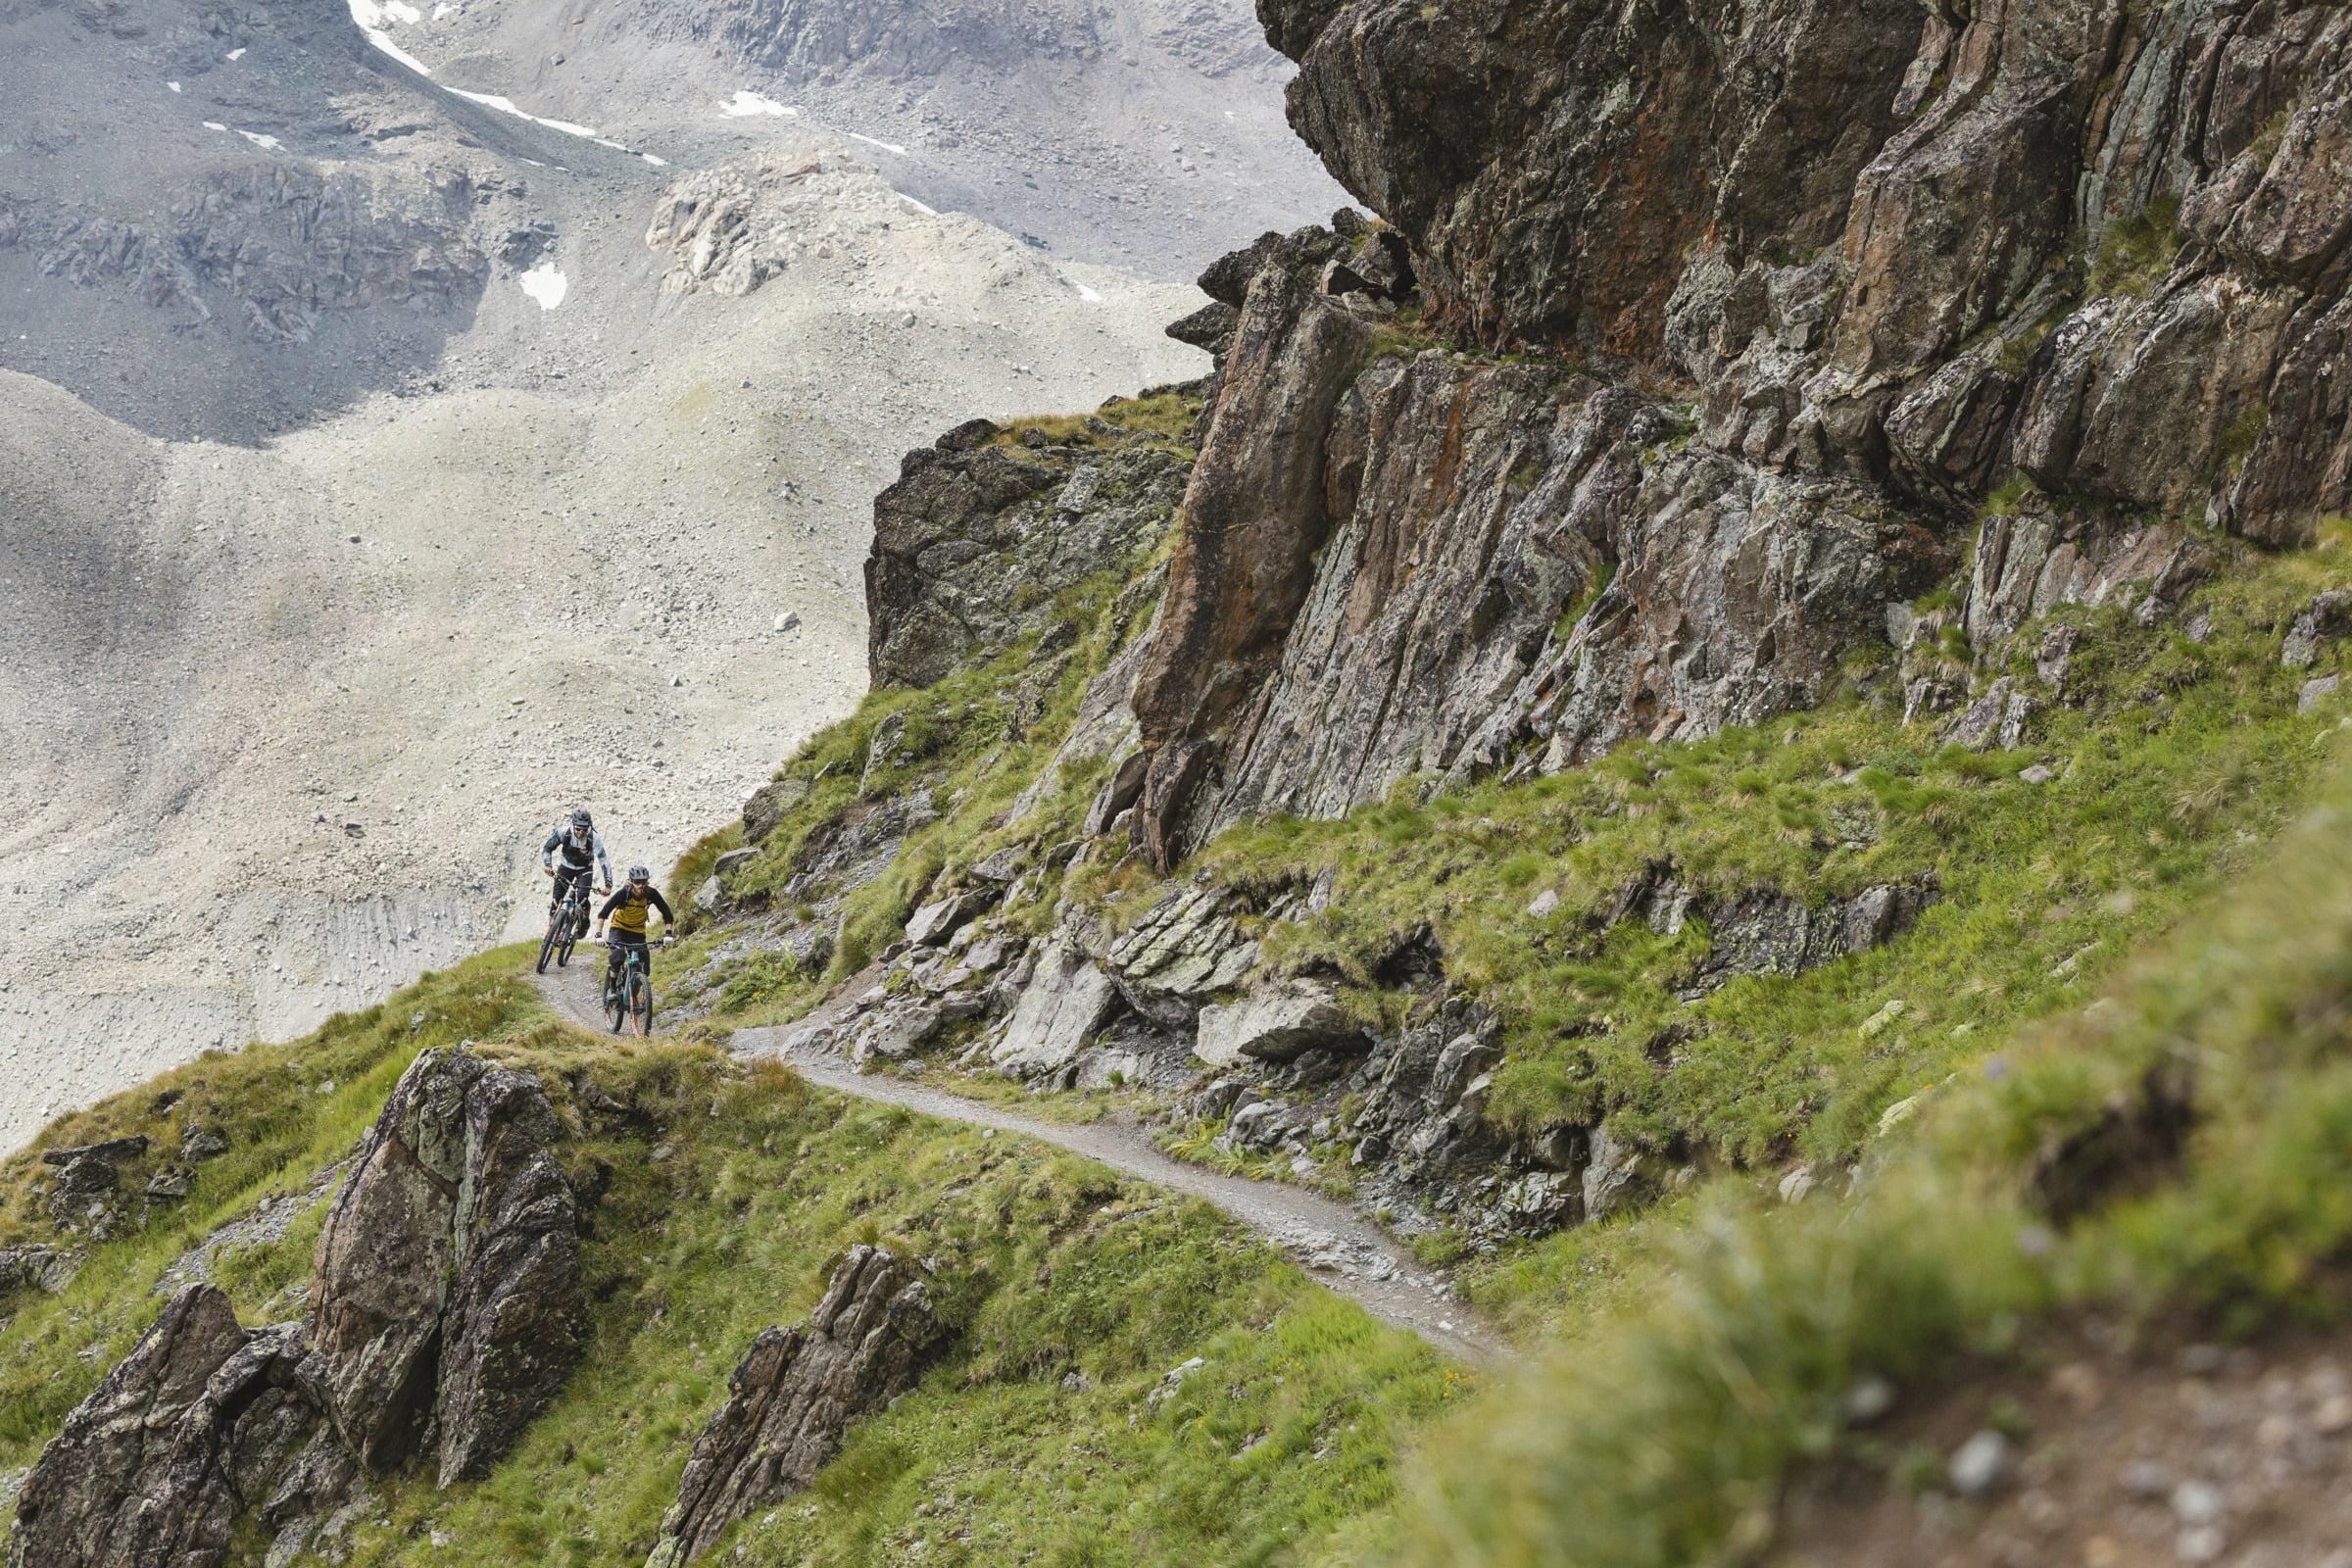 Uphill flow